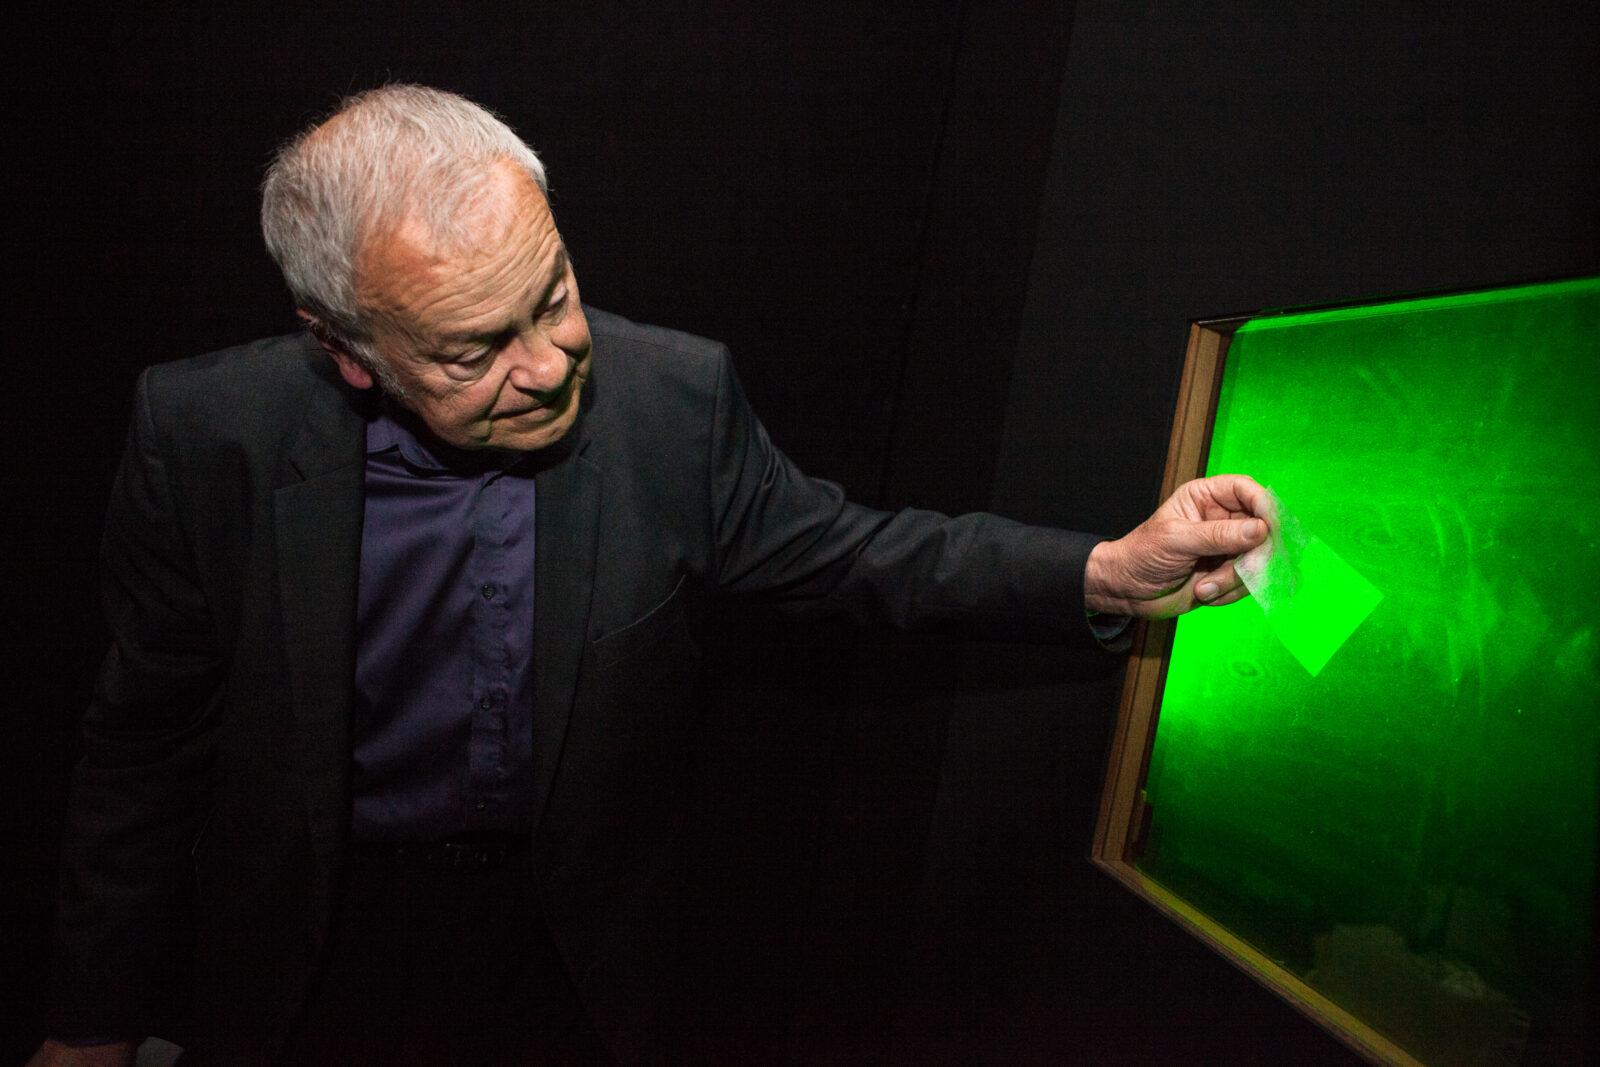 Gilbert Tribillon montre à l'aide d'un papier calque la zone de netteté d'une image holographique.